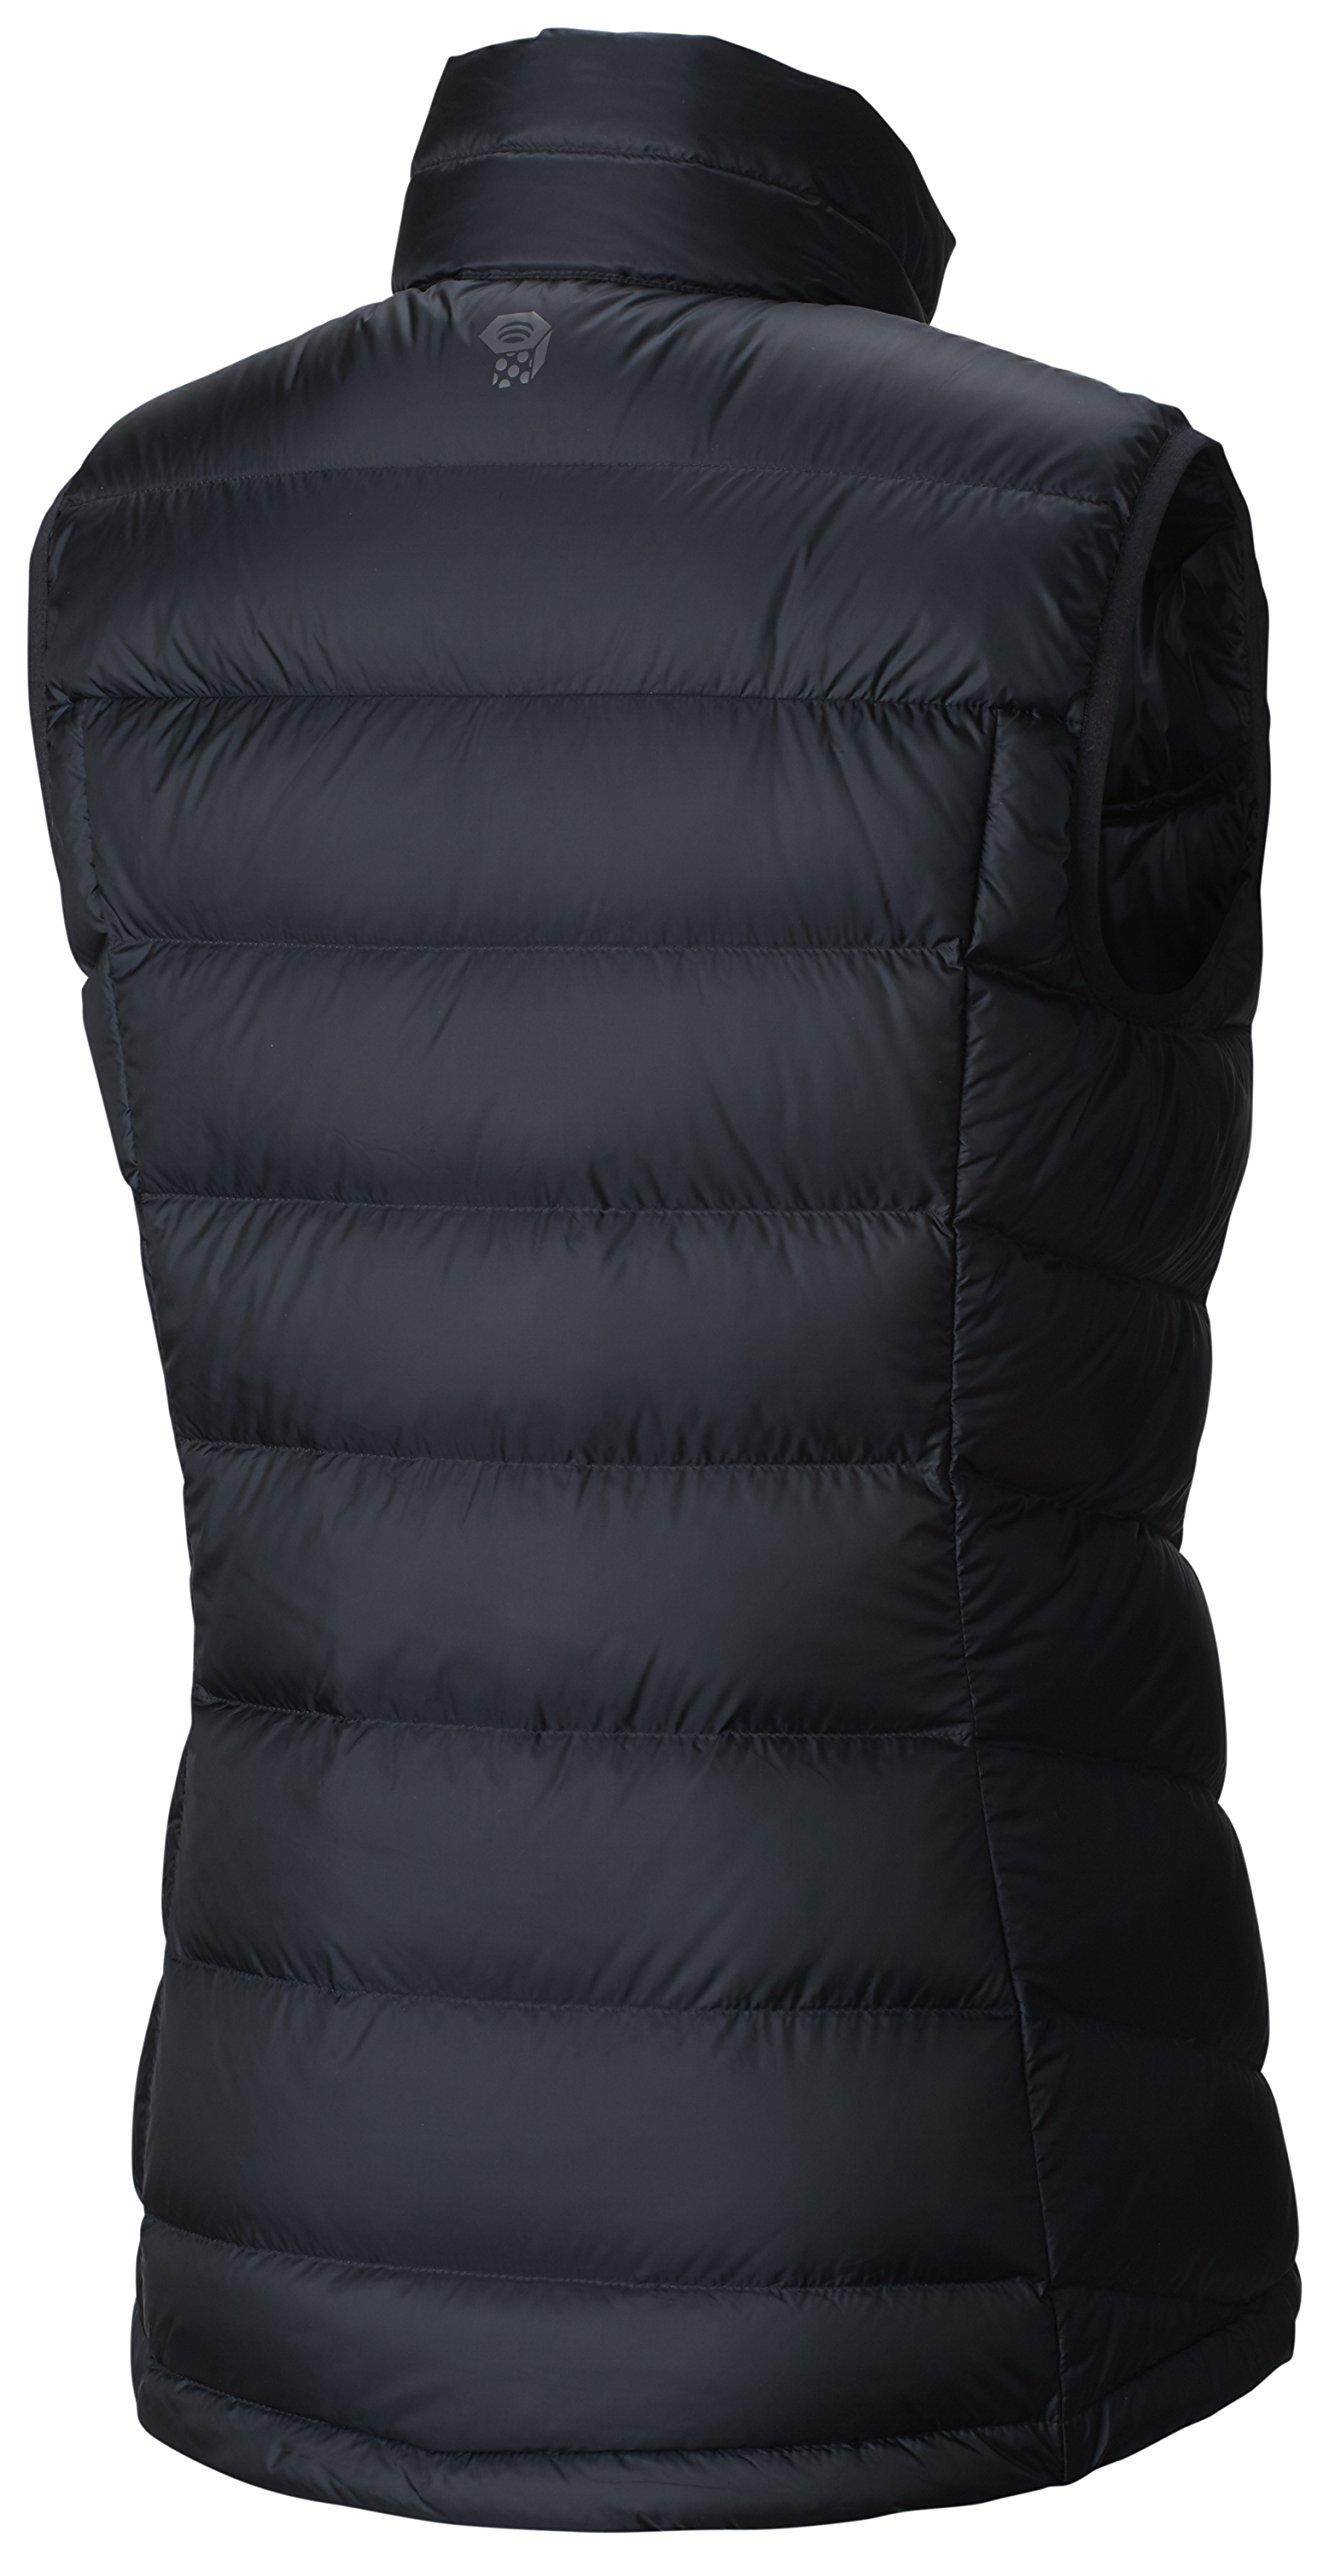 Mountain Hardwear Women's Ratio Down Vest (Black, X-Large) by Mountain Hardwear